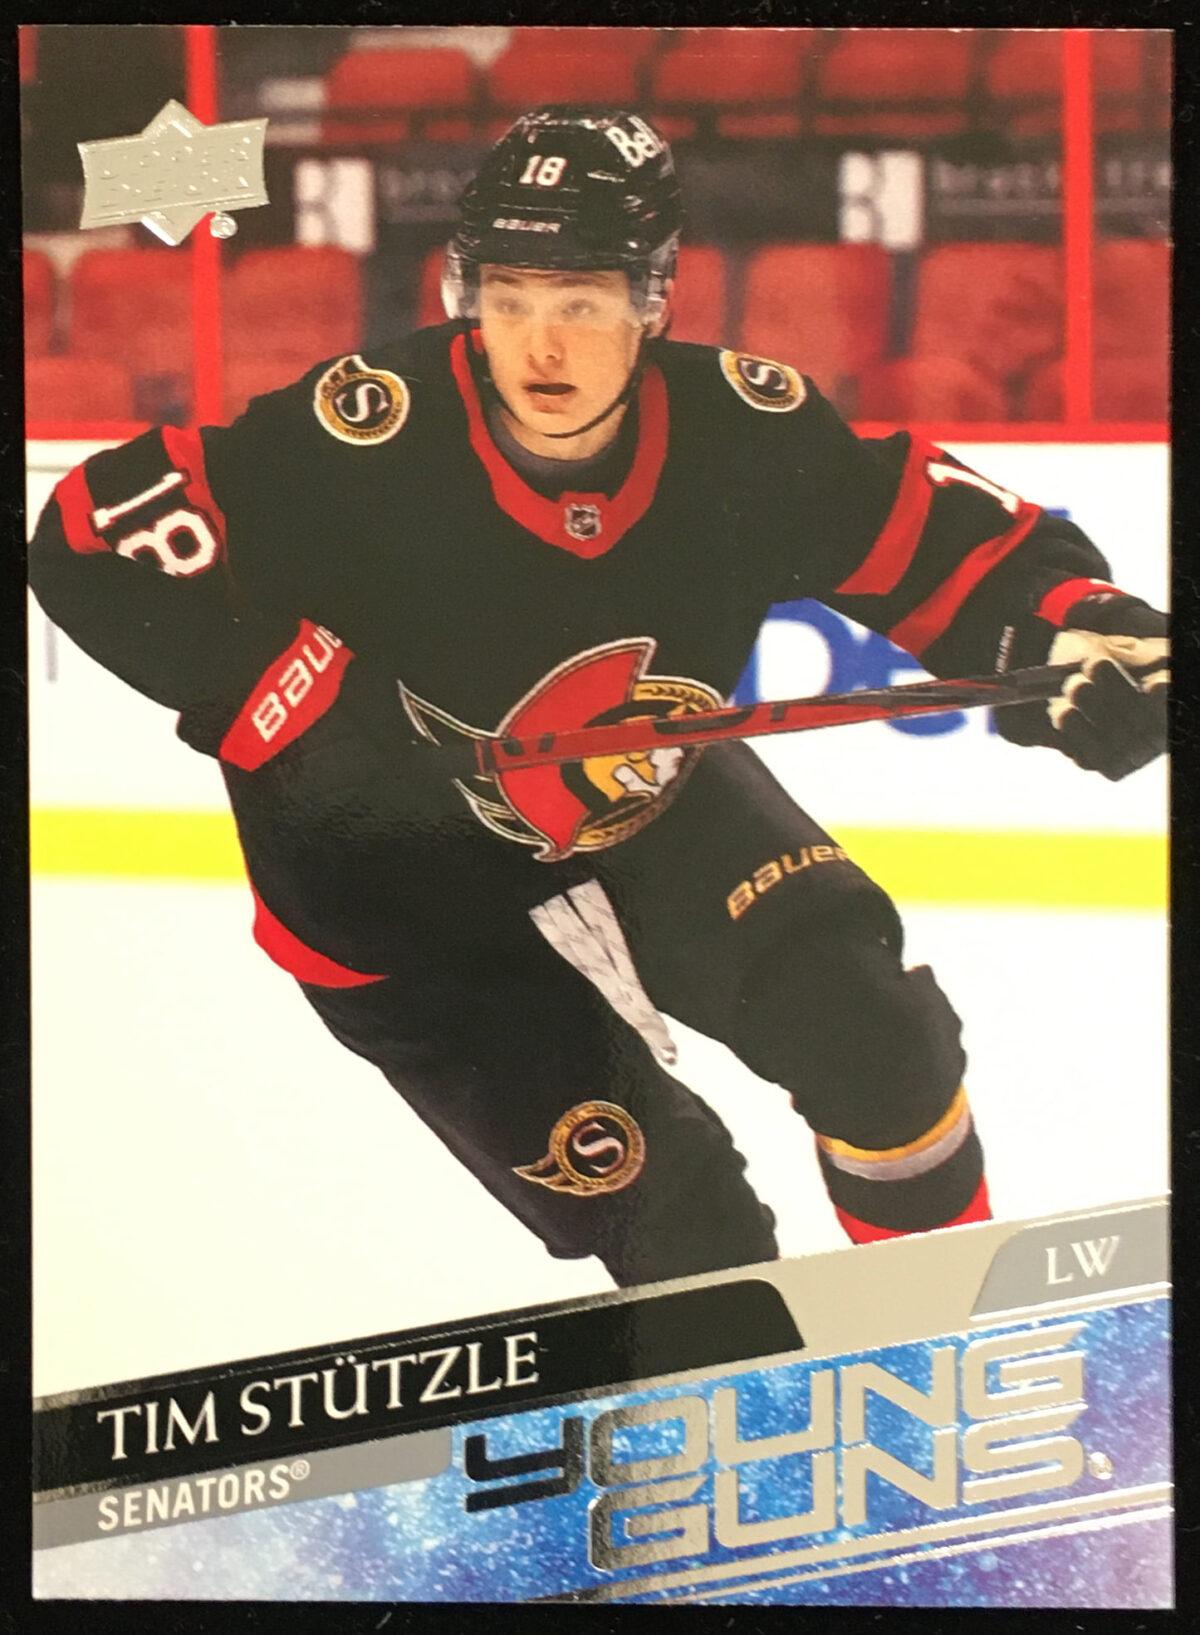 Tim Stutzle 2020-21 Upper Deck 2 Young Guns